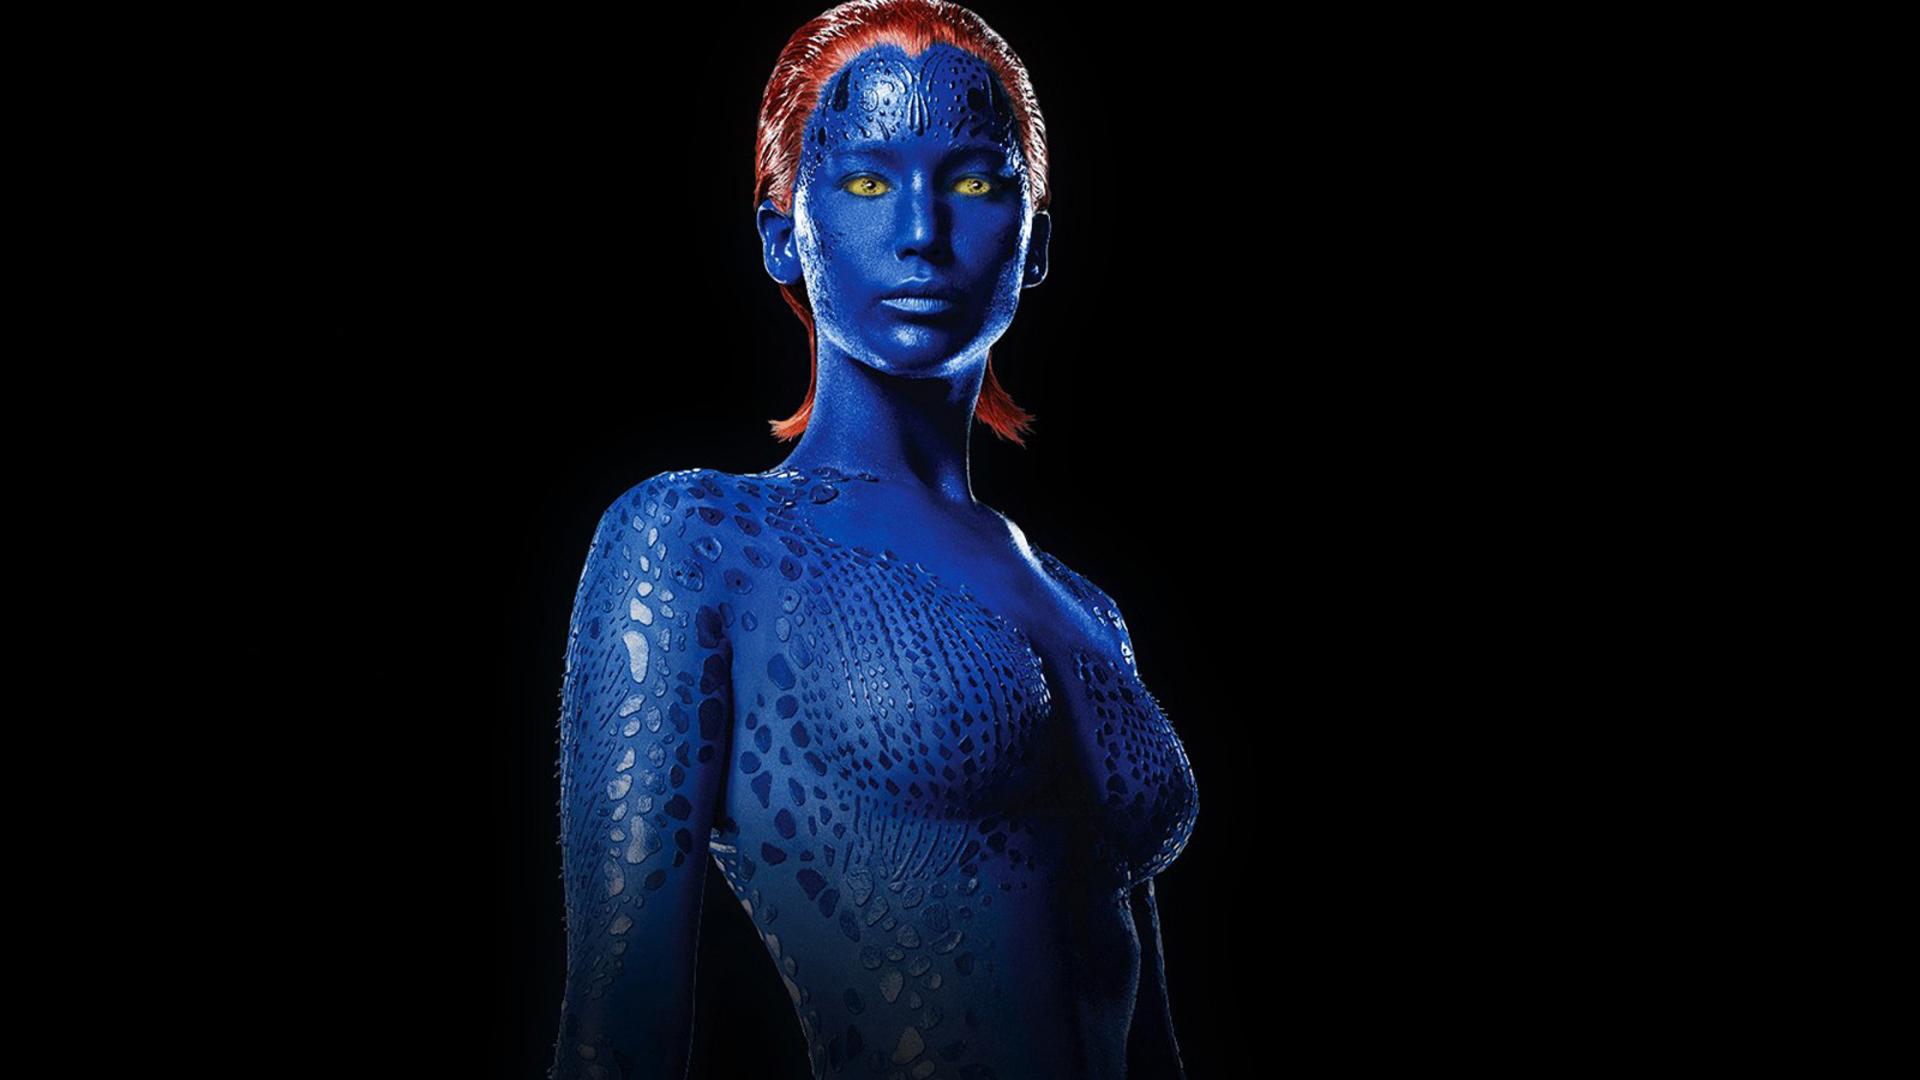 Mystique Jennifer Lawrence Full Body hair | Material World